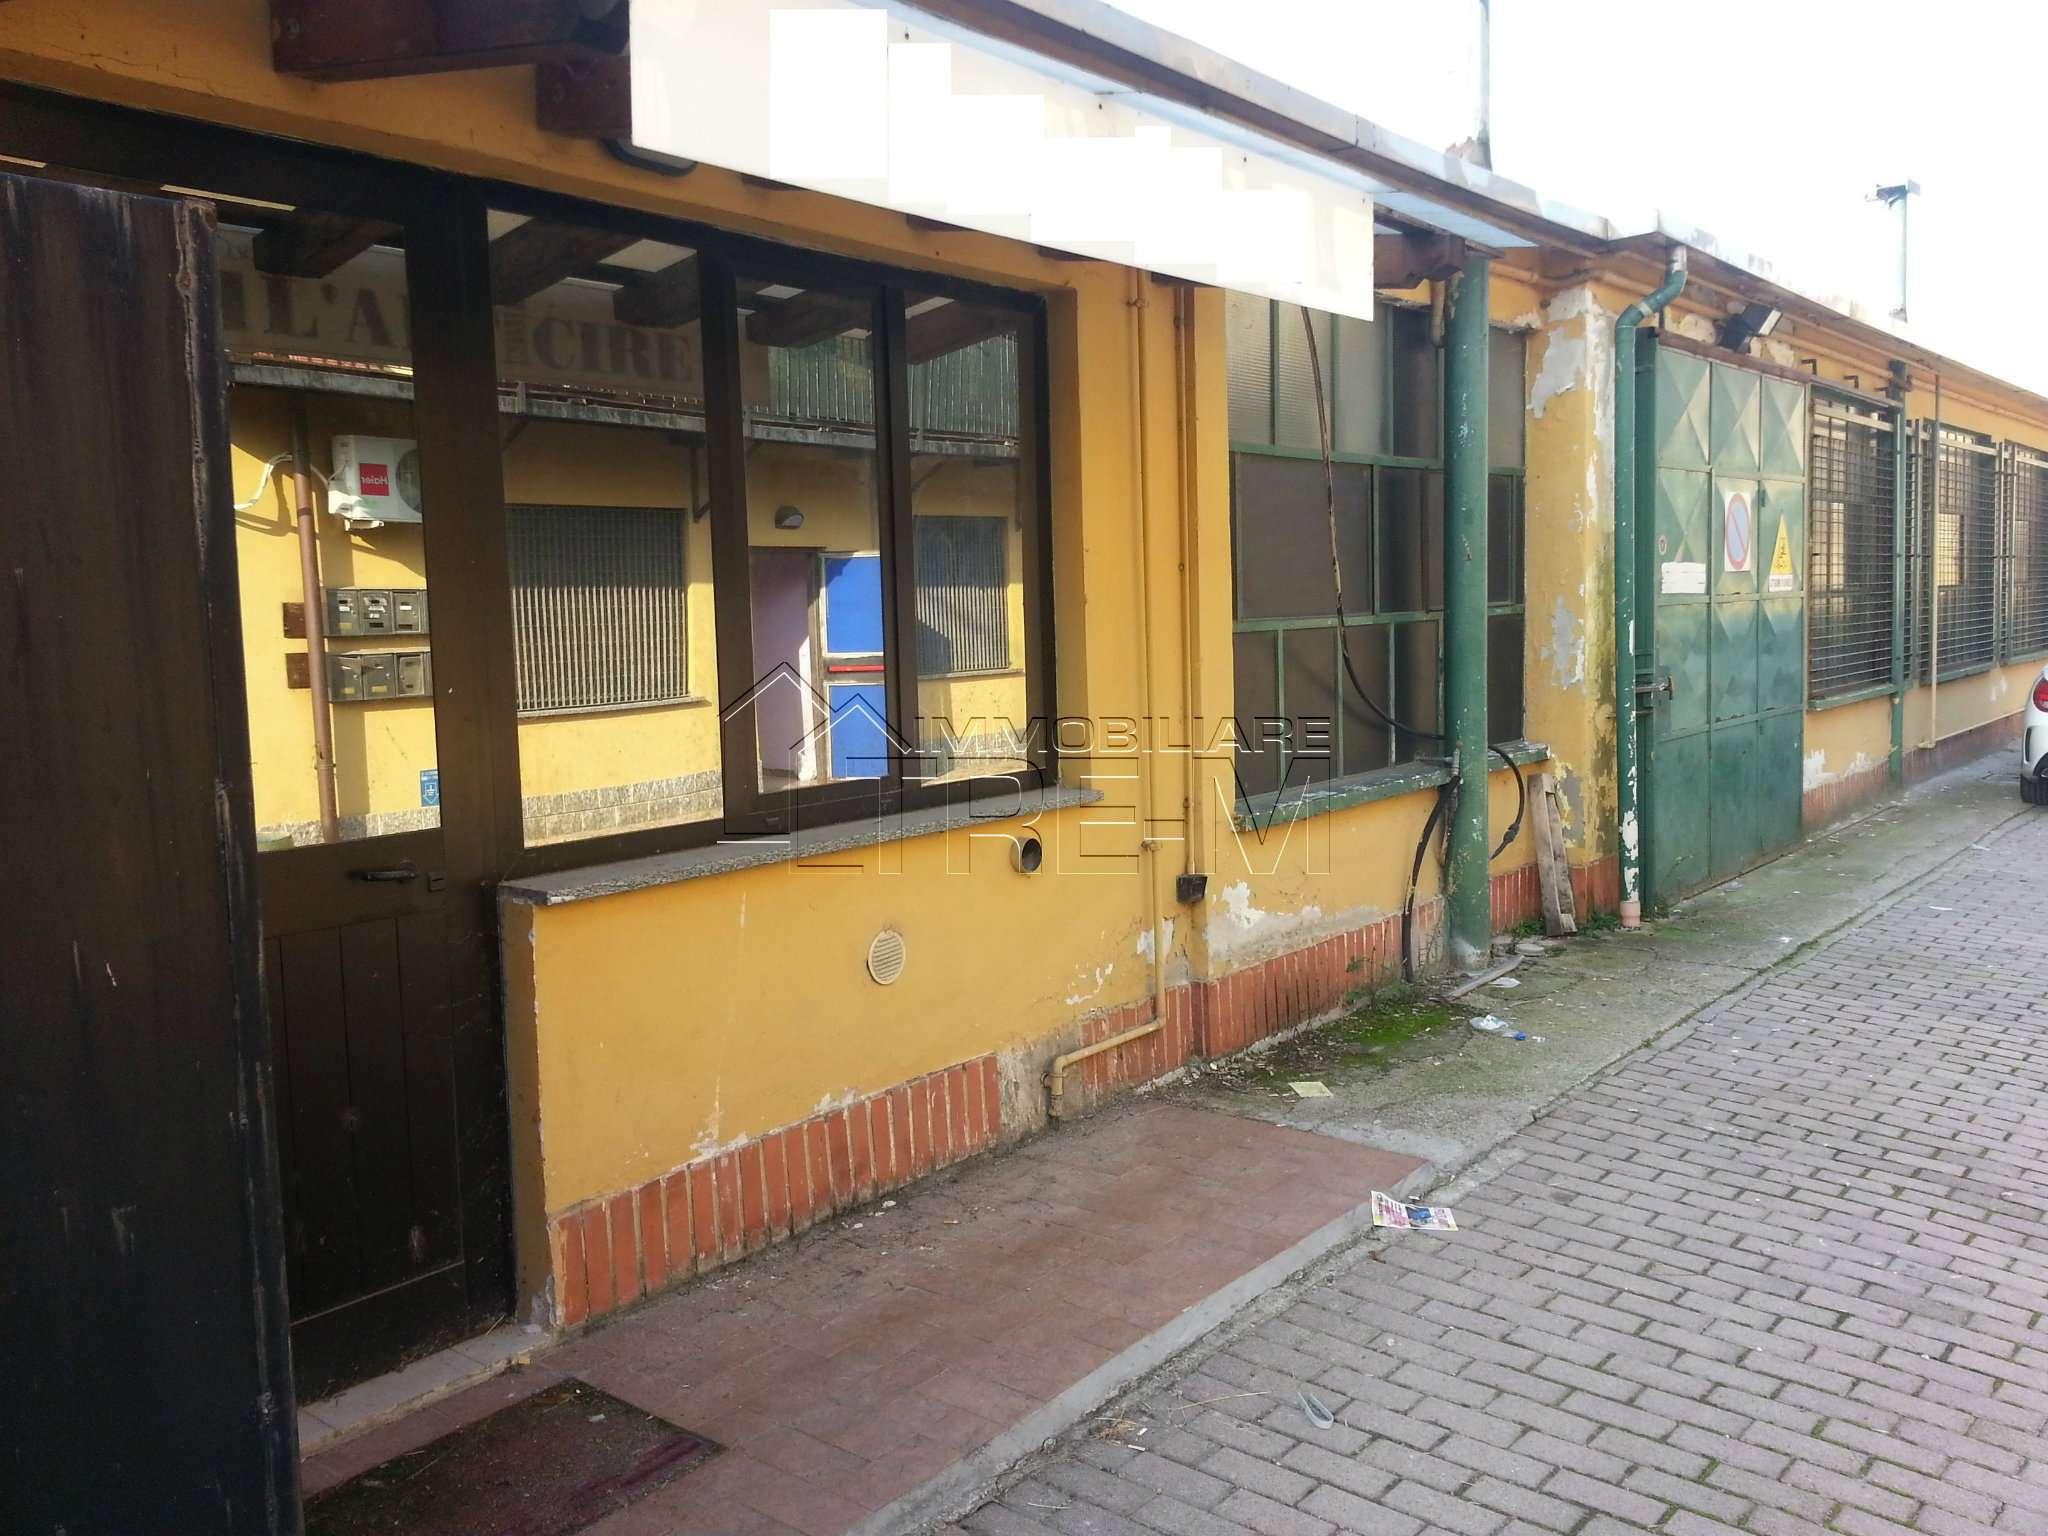 Laboratorio in vendita a Pogliano Milanese, 1 locali, prezzo € 80.000 | CambioCasa.it